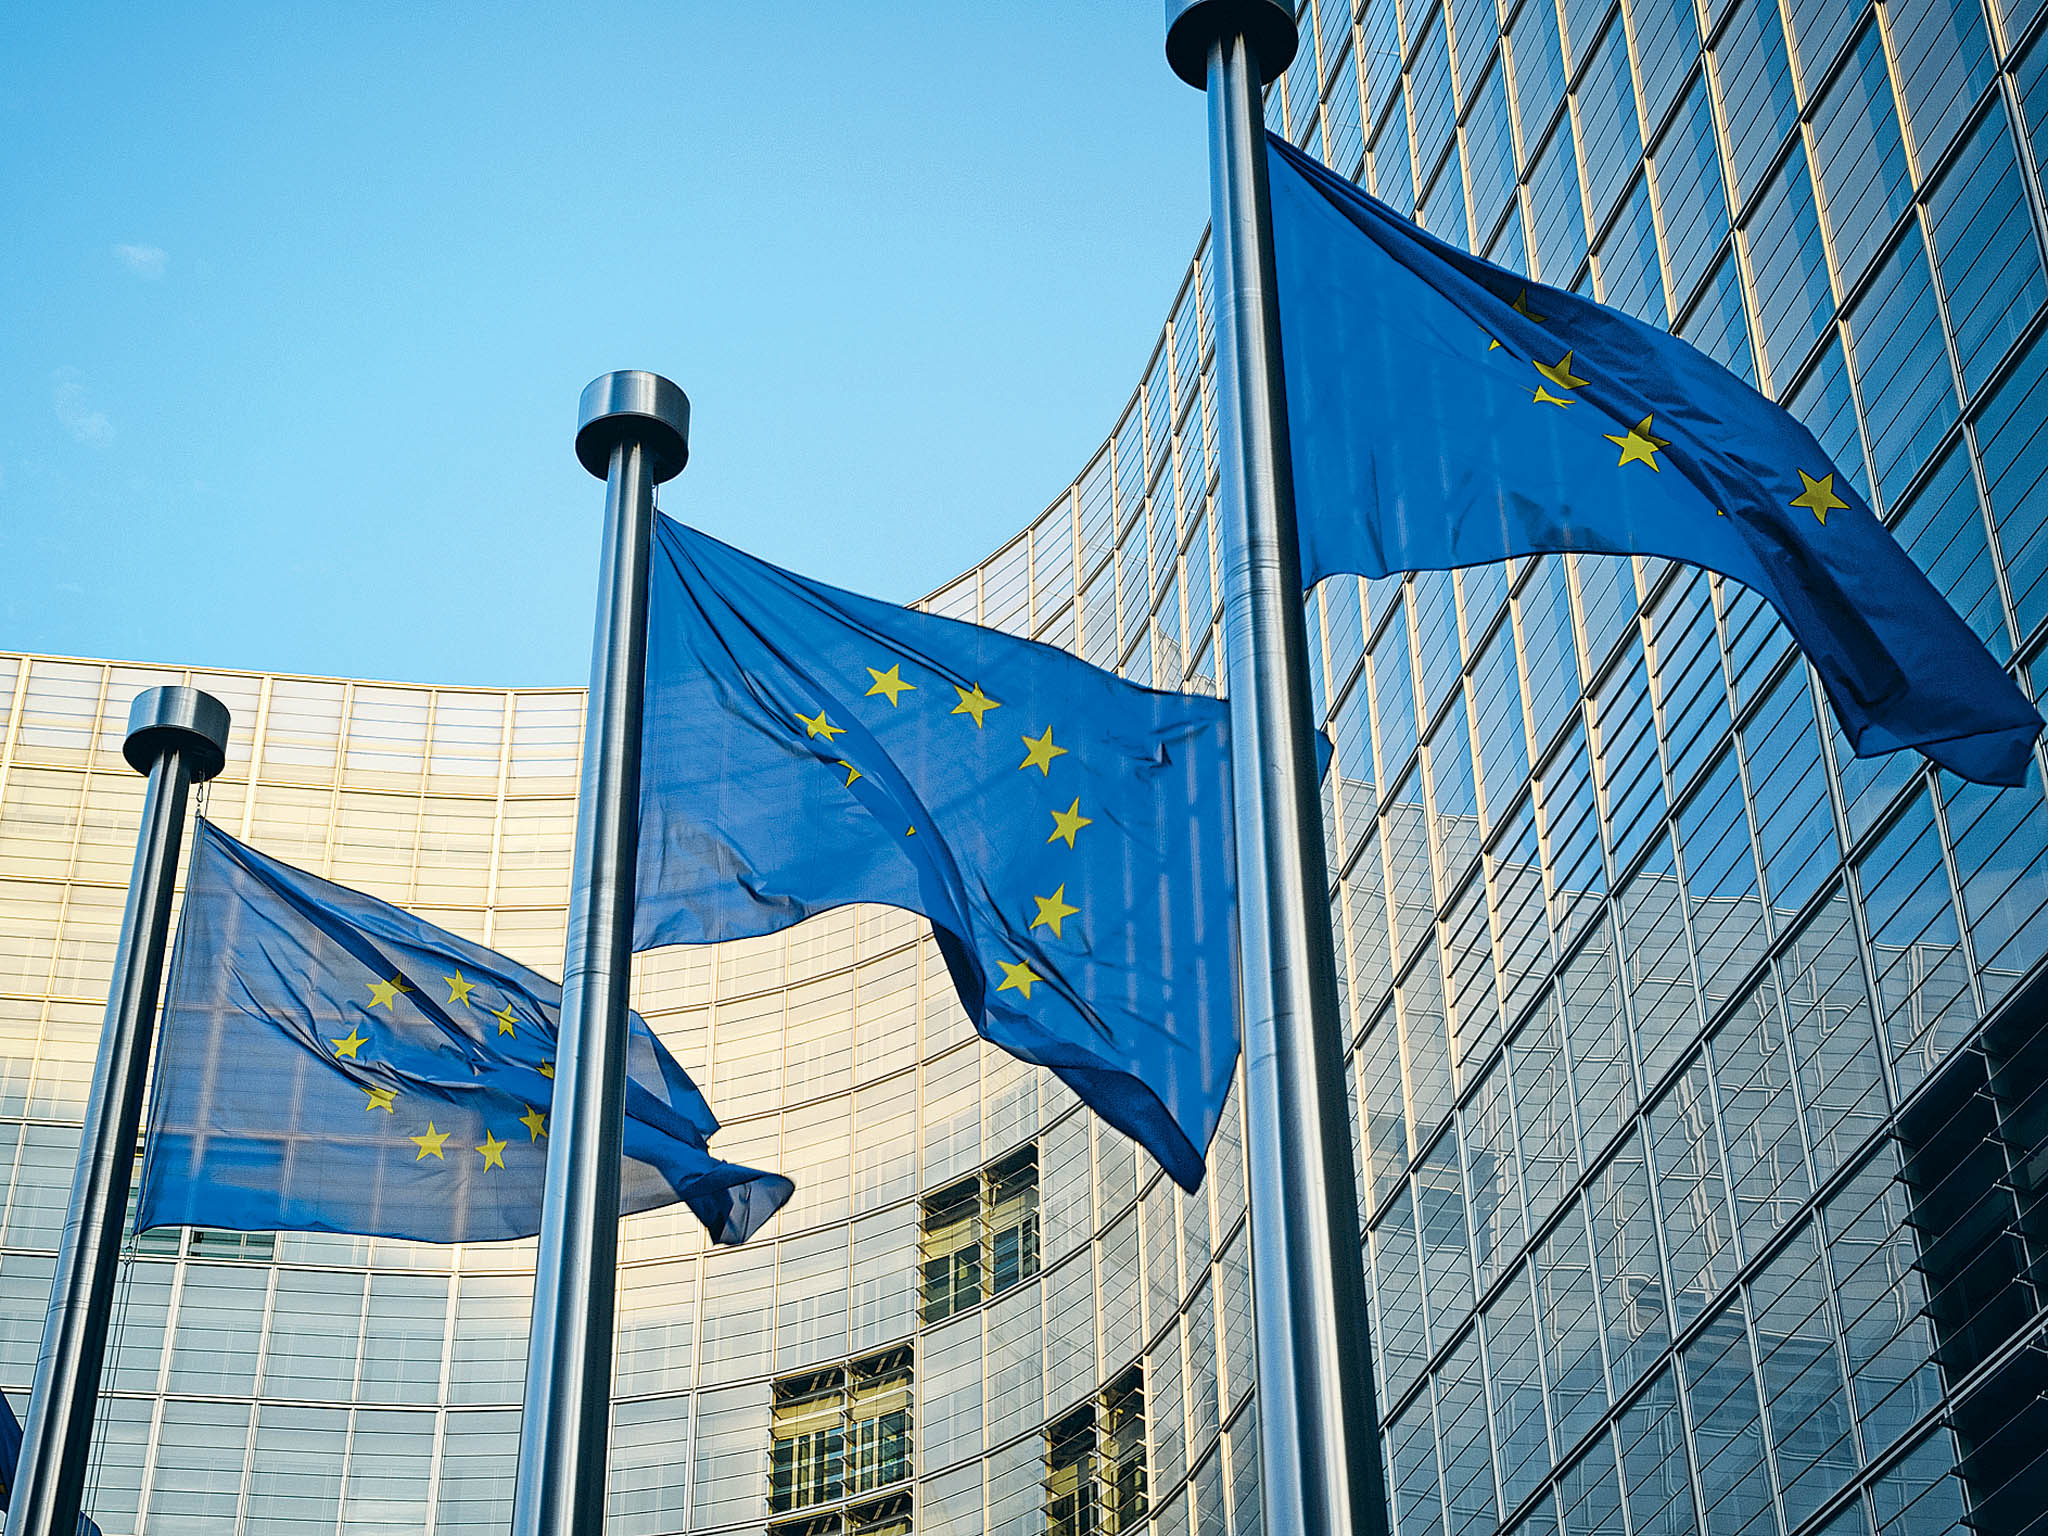 Večtvrtek 10. prosince začíná zásadní summit EU. Prezidenti apremiéřiunijních zemí sebudou vBruselu pokoušet prolomit pat kolem víceletého rozpočtu.